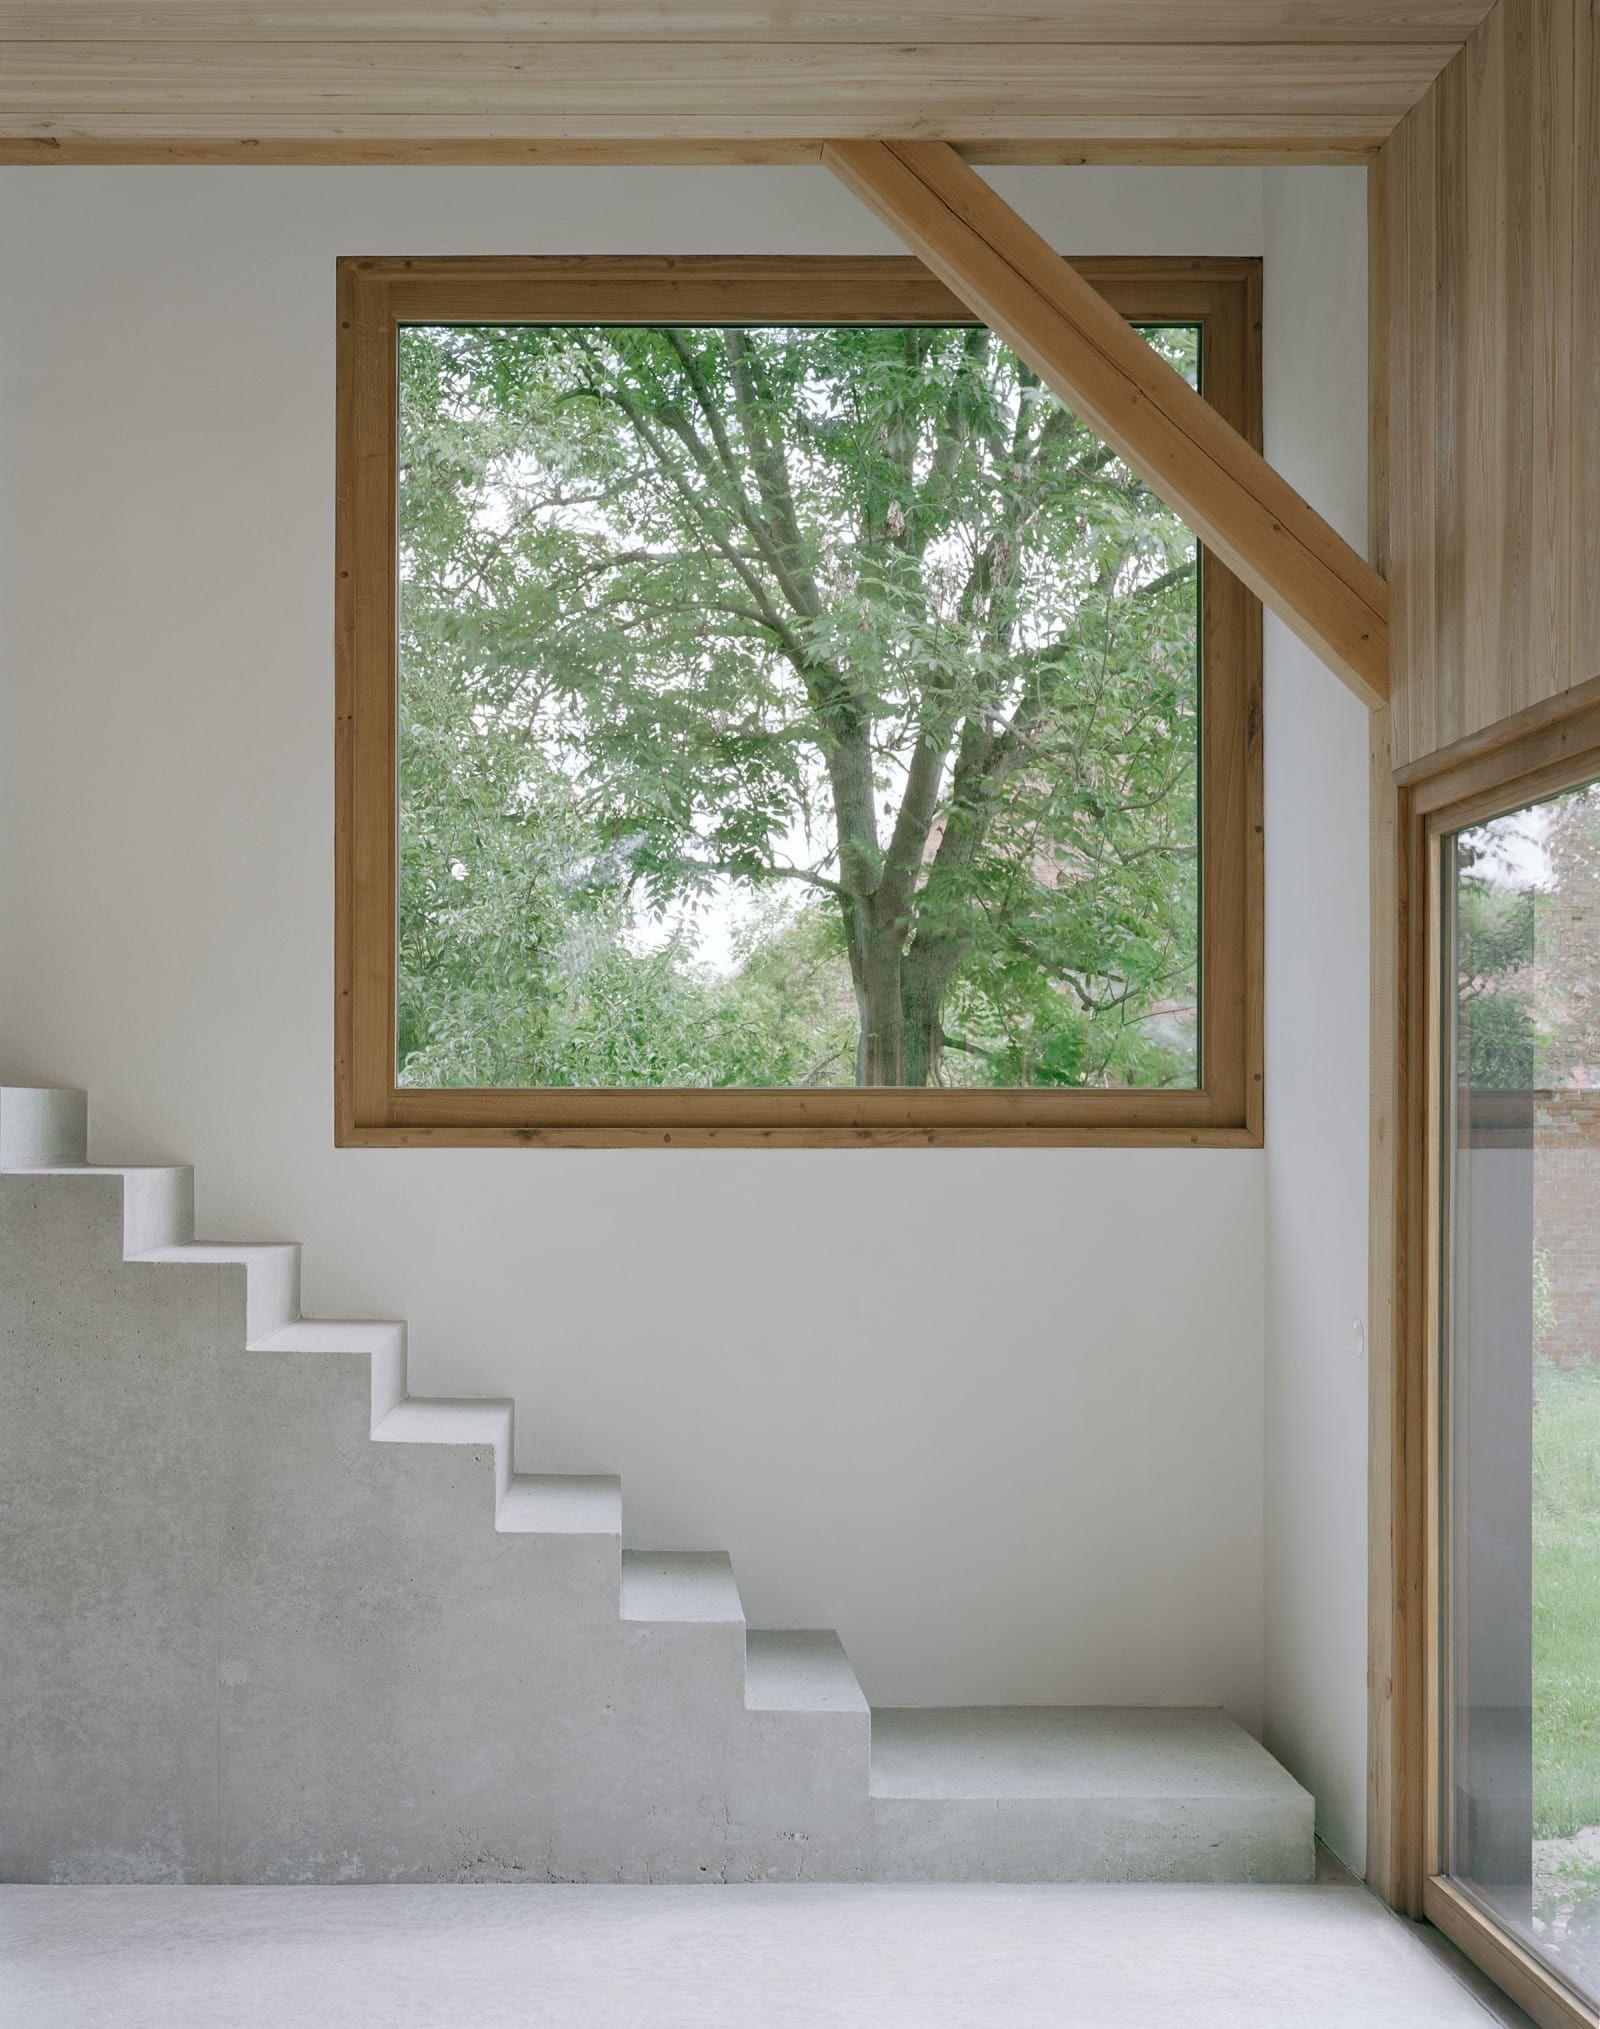 AFF architekten, Hans Christian Schink · Haus Lindetal | Pinterest